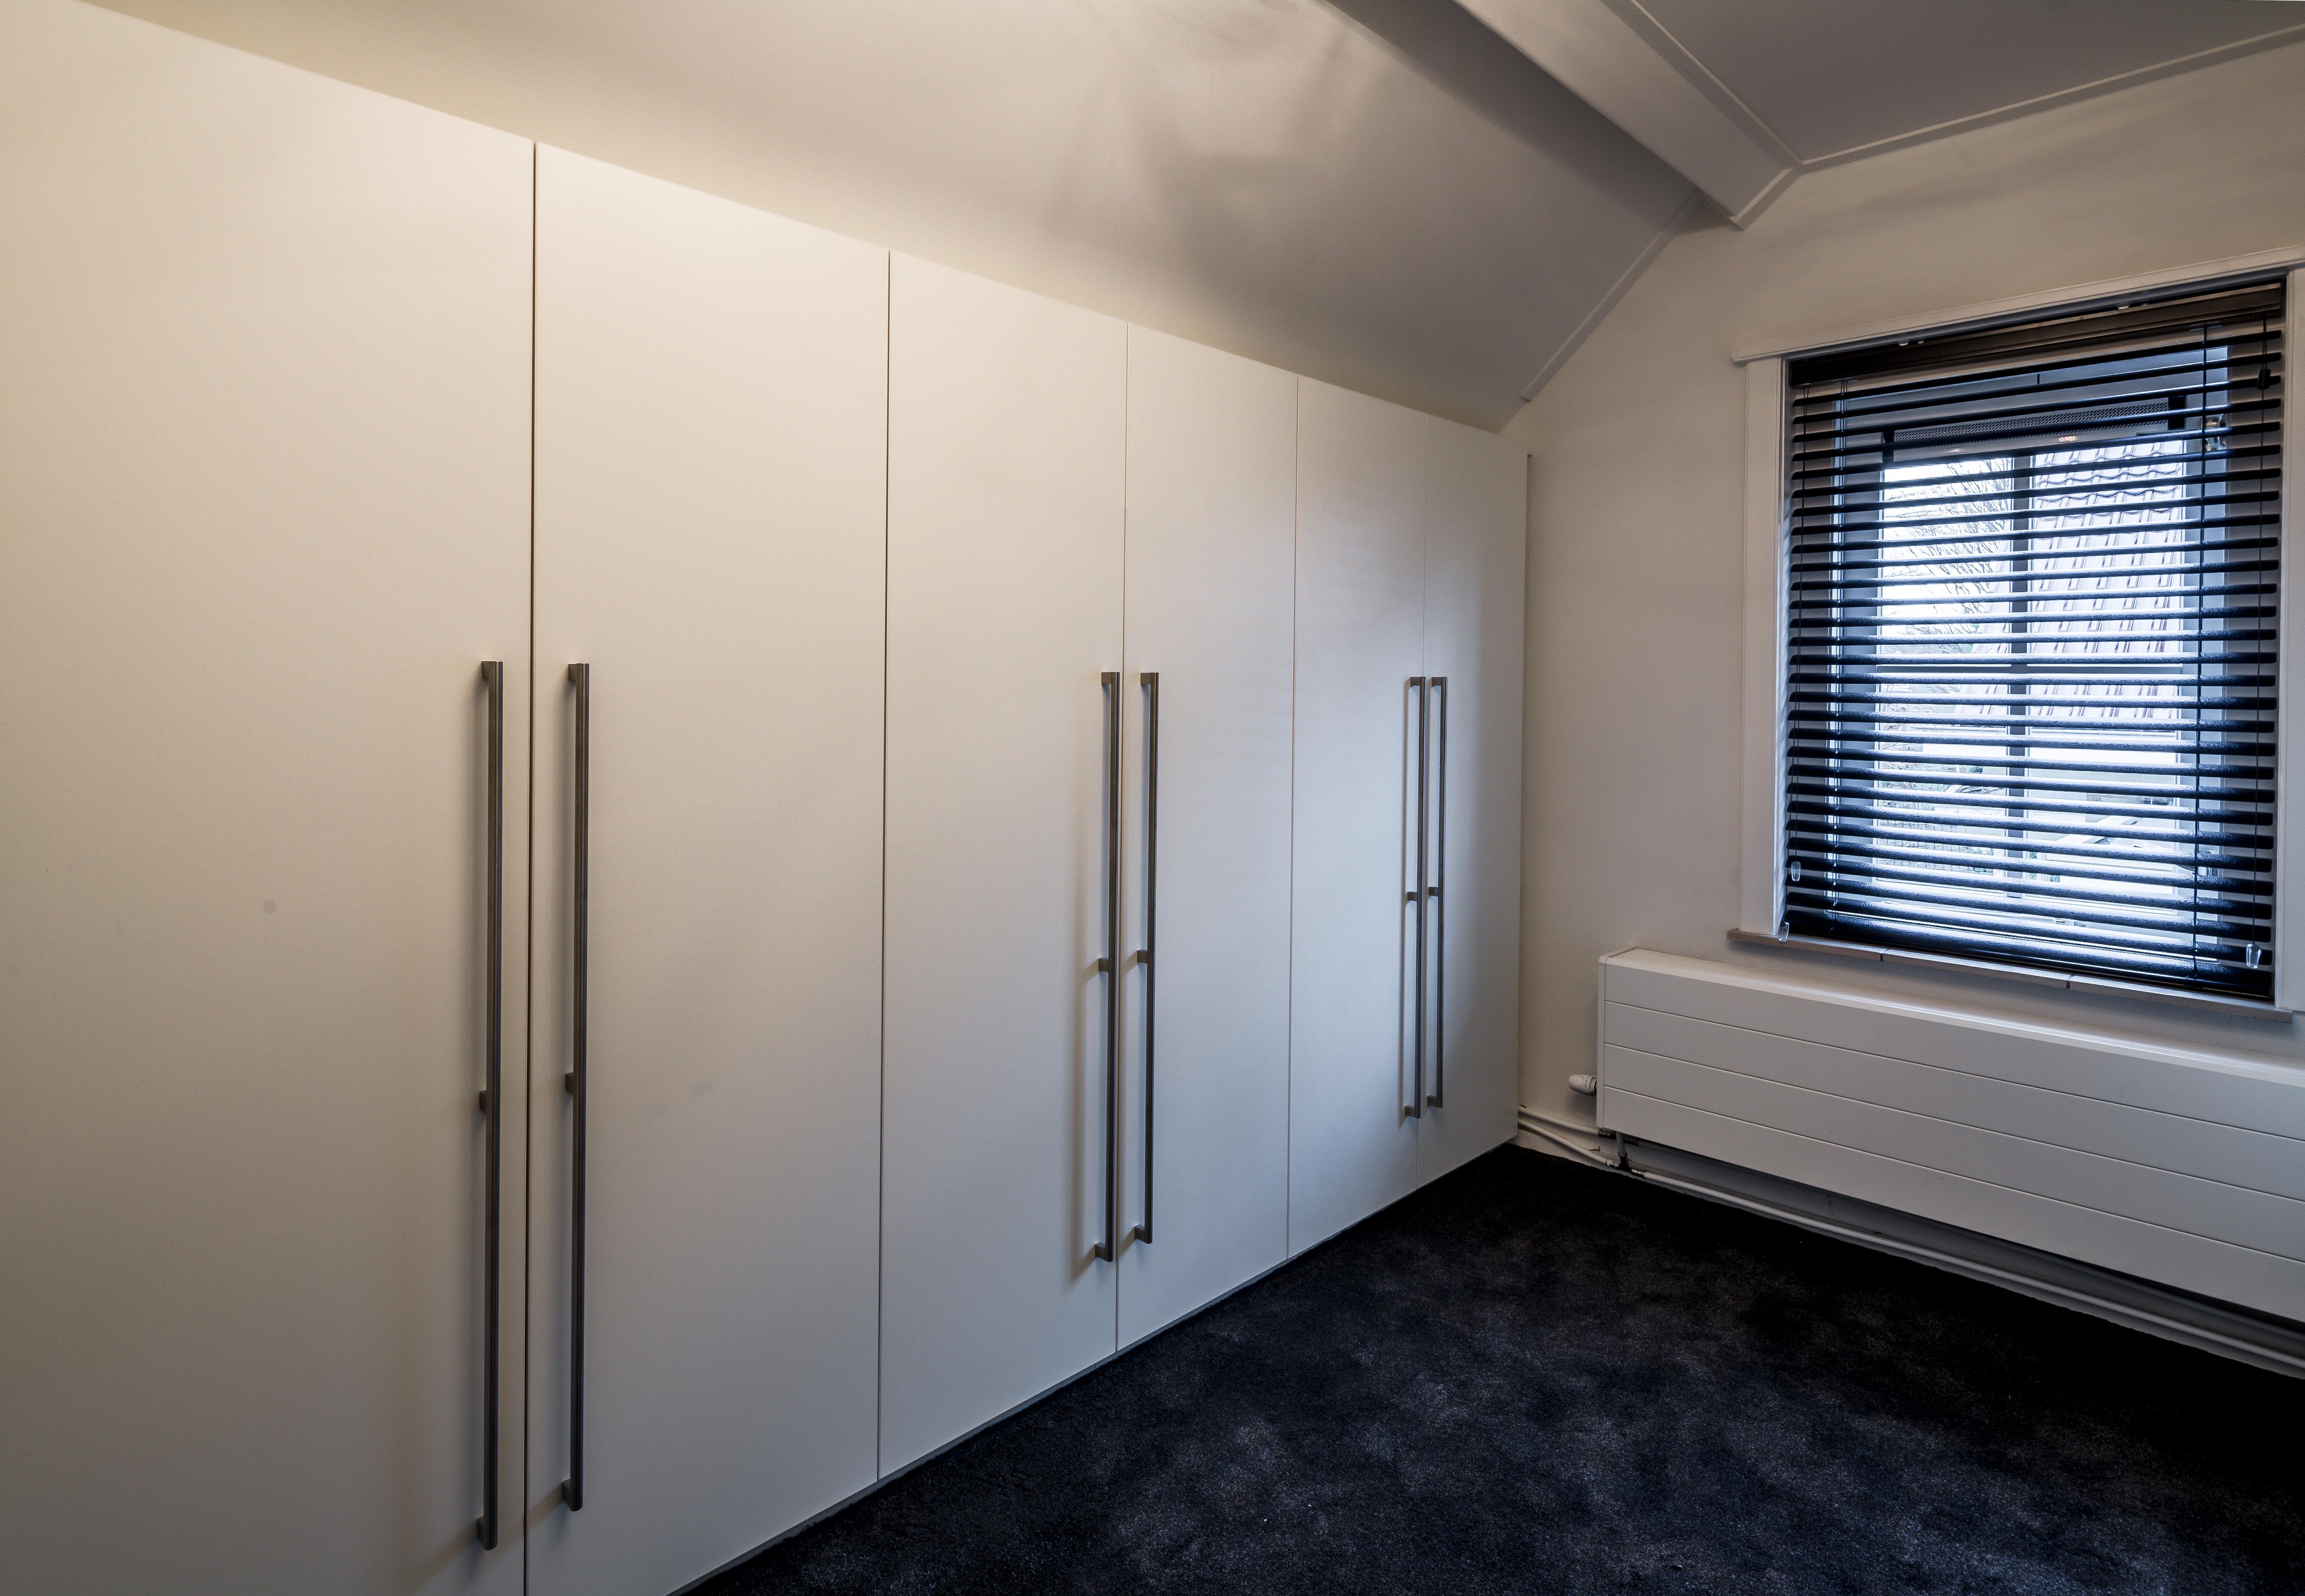 Maatwerk inbouwkast slaapkamer